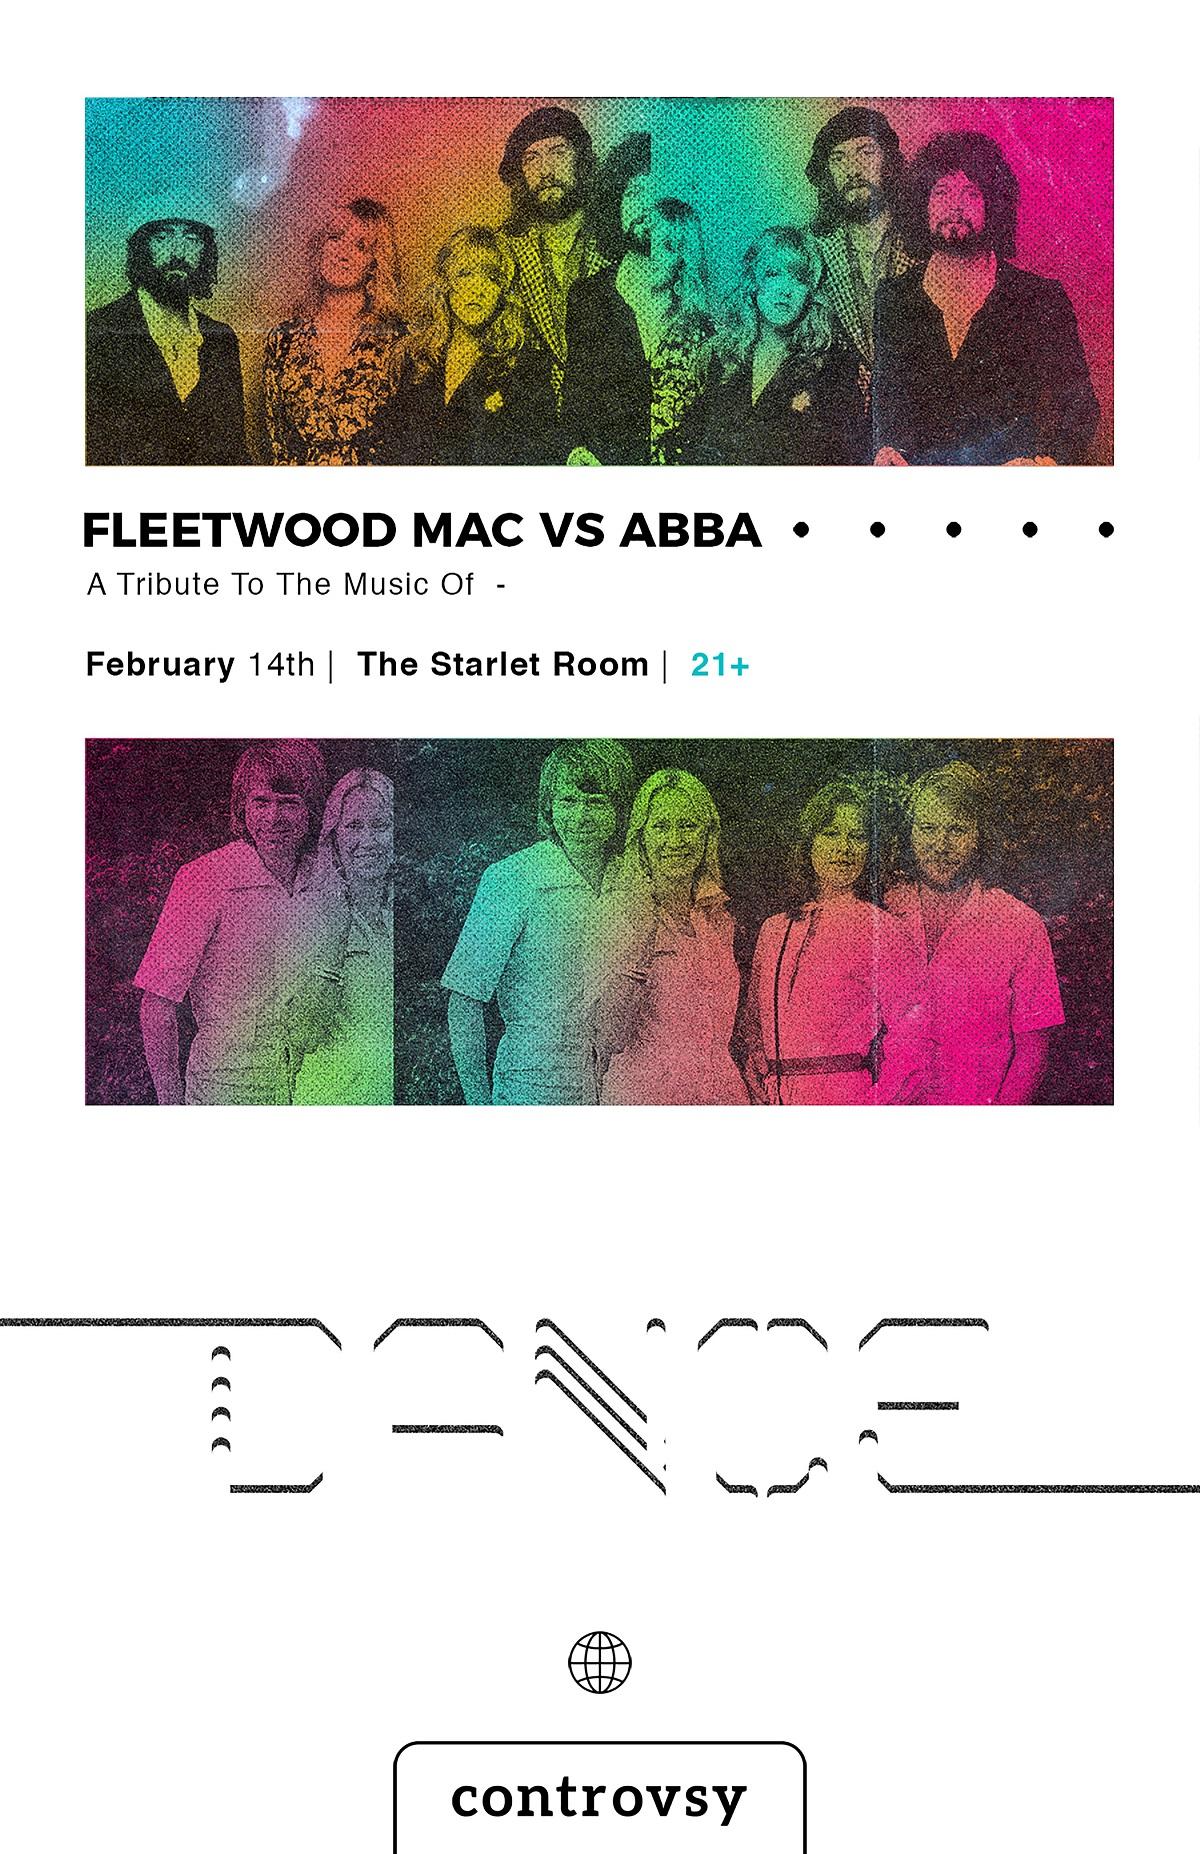 Fleetwood Mac vs. ABBA Dance Party